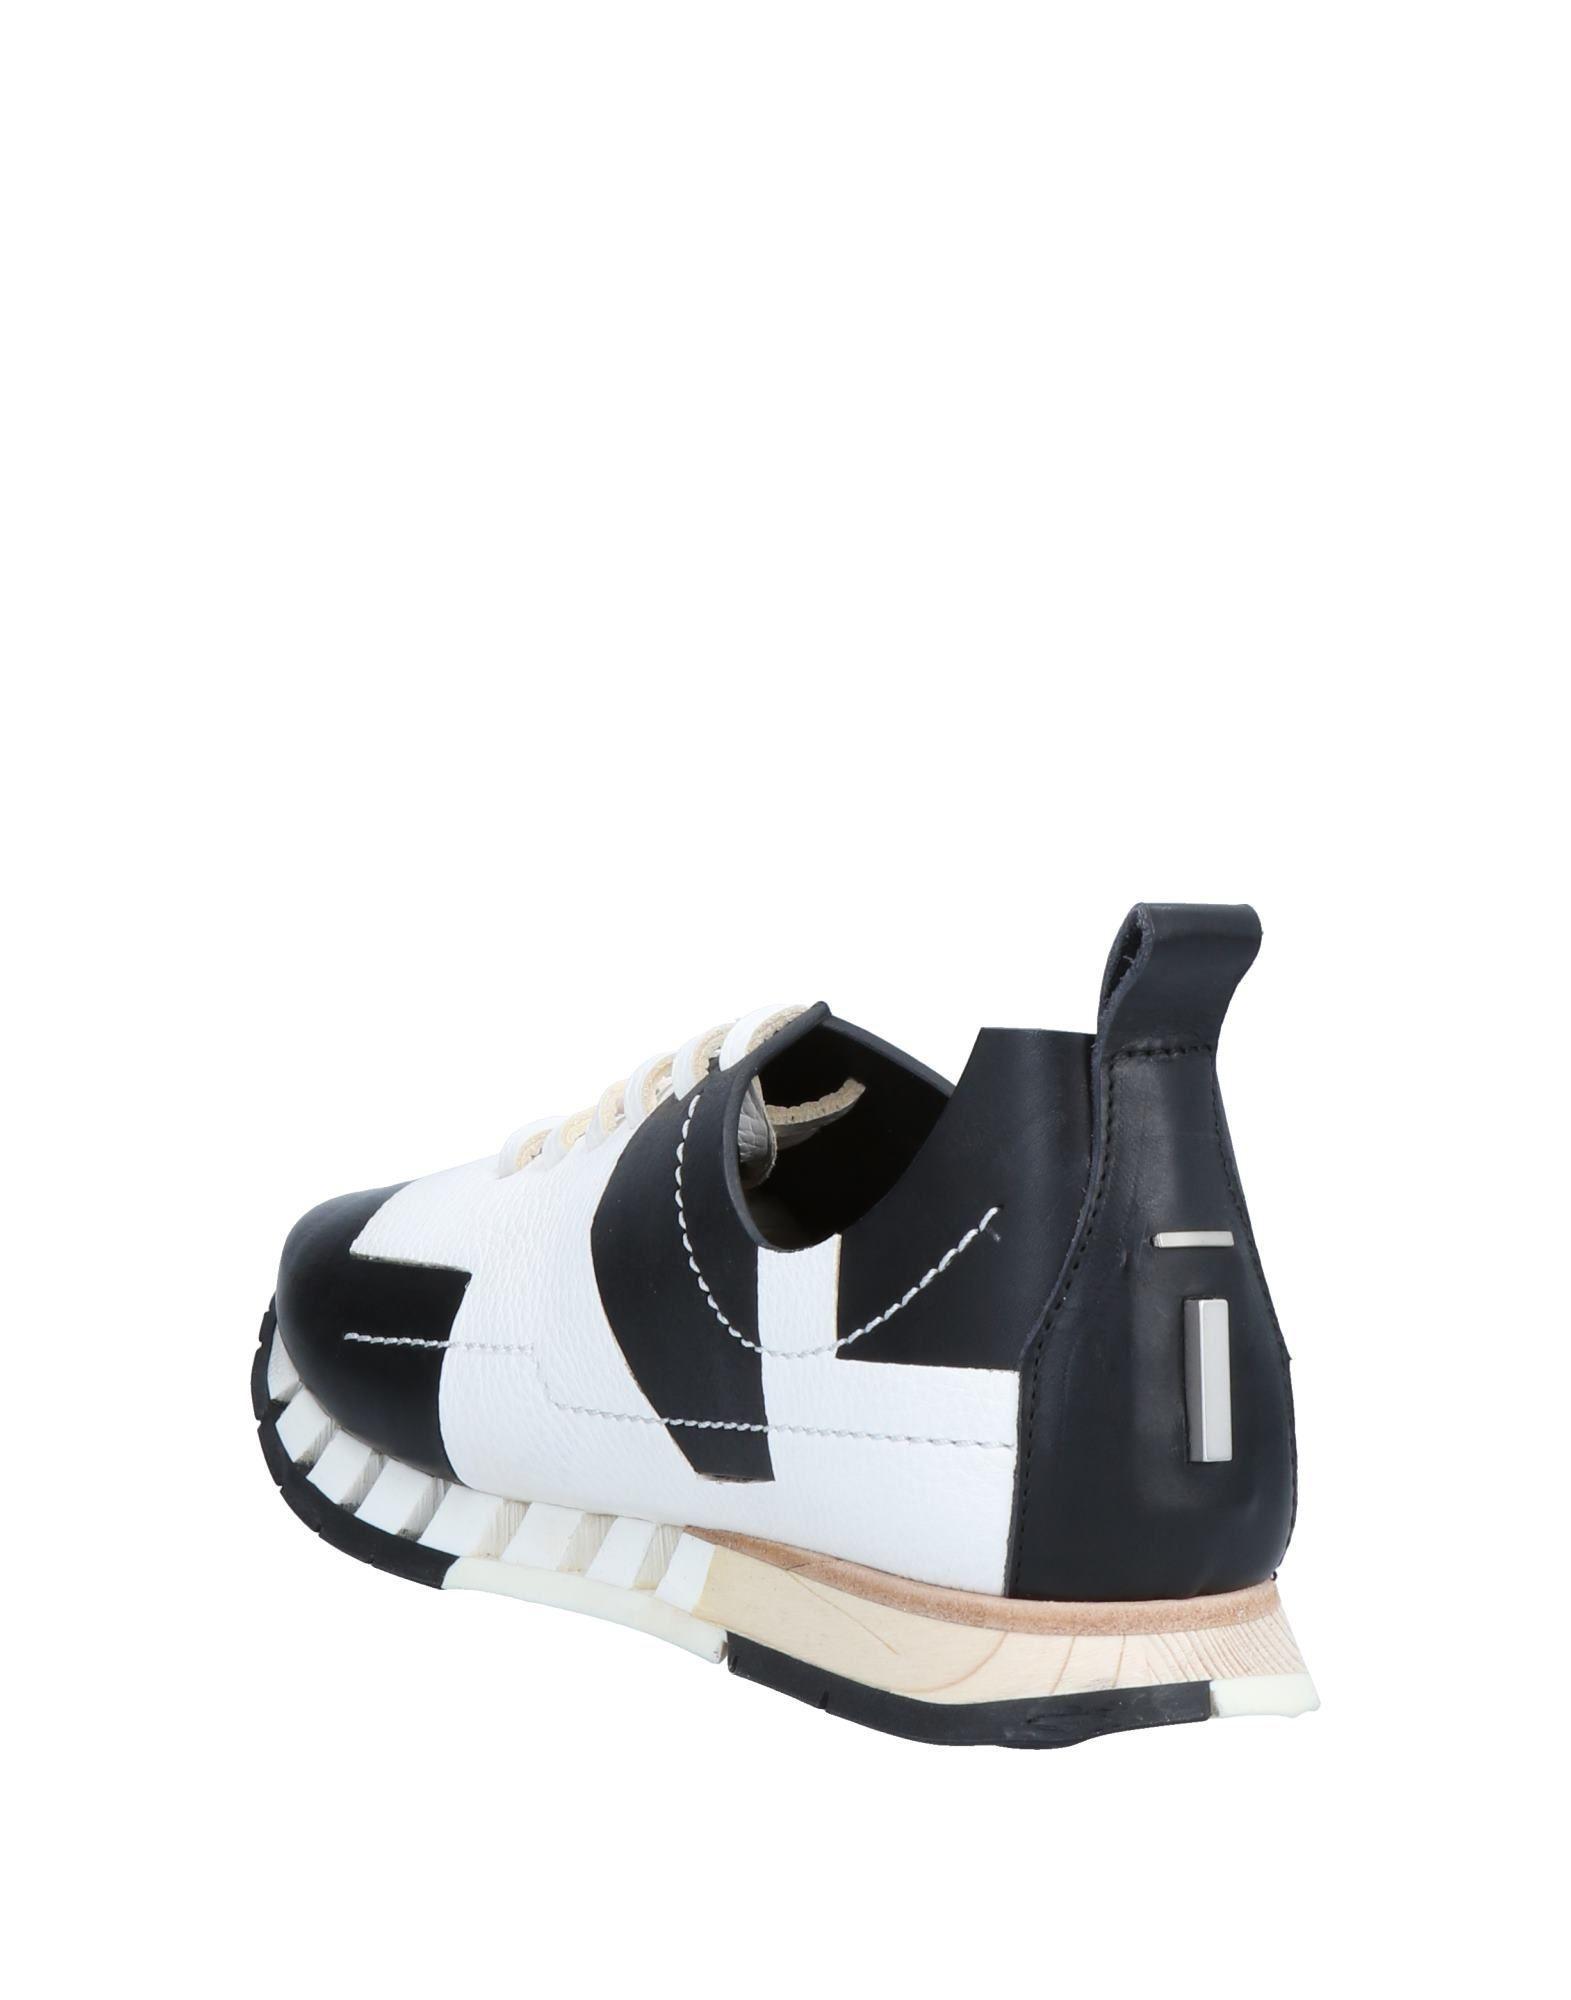 Artselab Leather Low-tops \u0026 Sneakers in